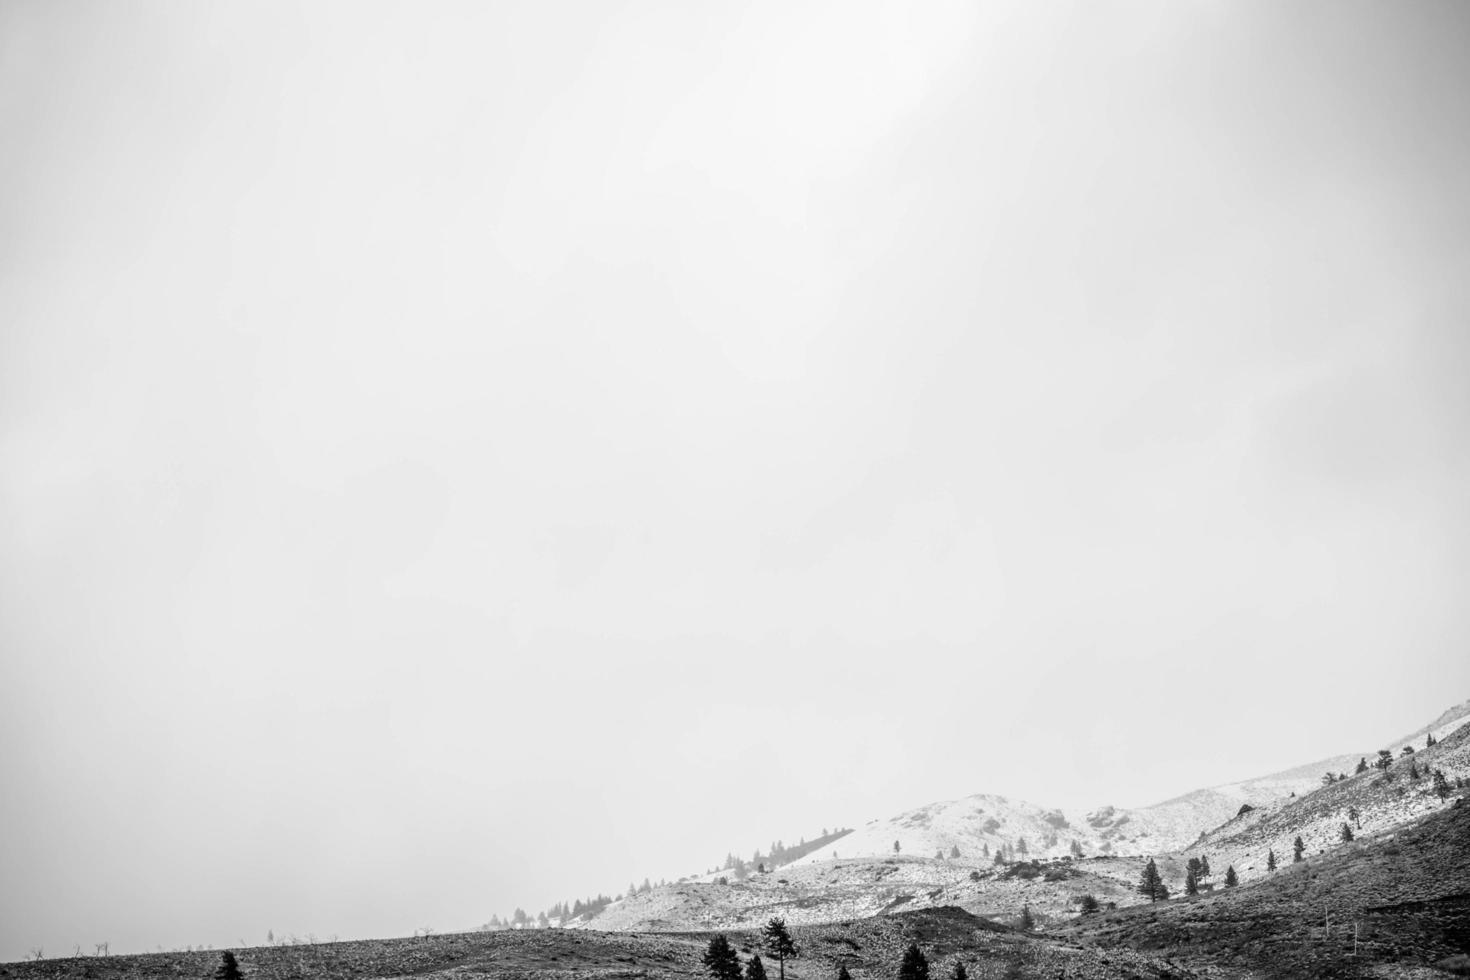 grijswaardenfoto van berg en bewolkte hemel foto